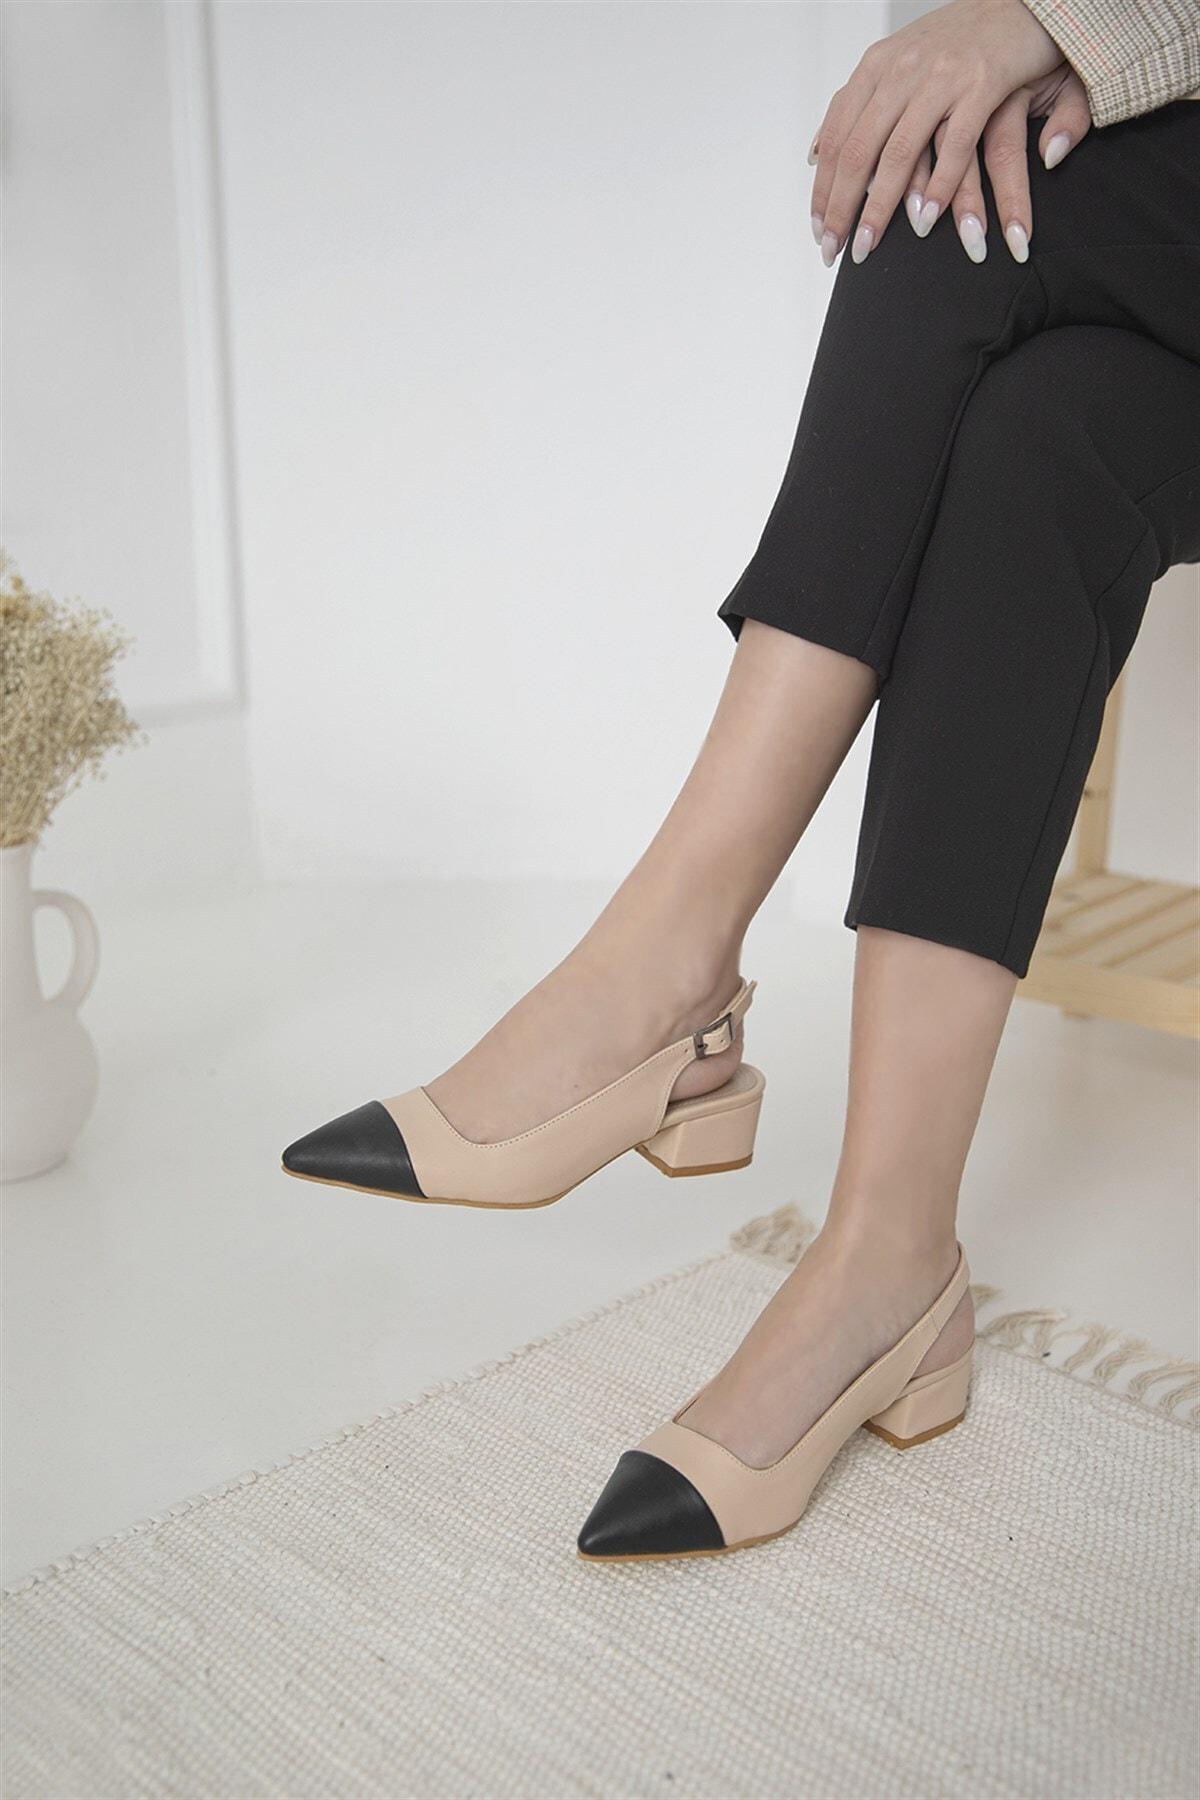 Leila Bayan Topuklu Ayakkabı Ten-siyah